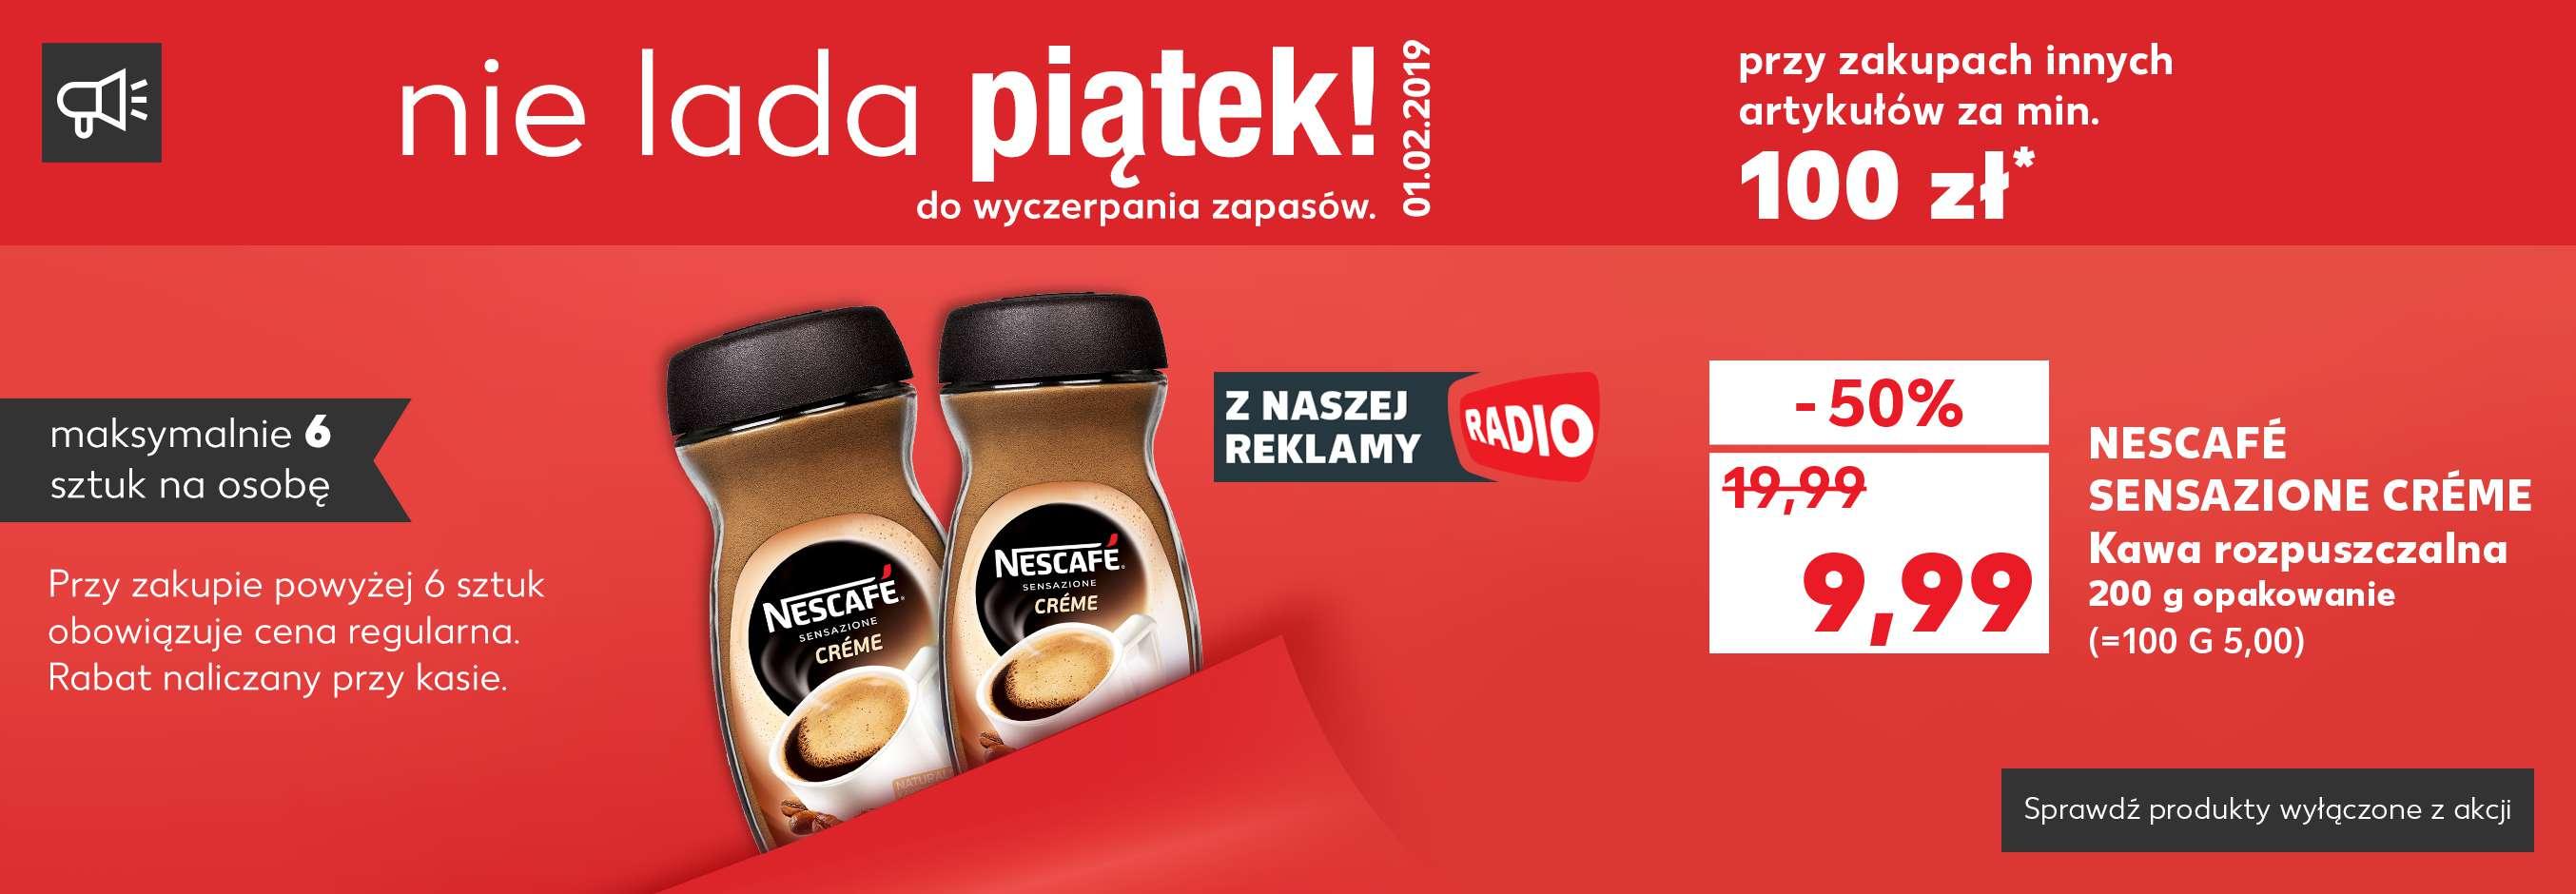 Nescafe Creme - kawa rozpuszczalna - KAUFLAND